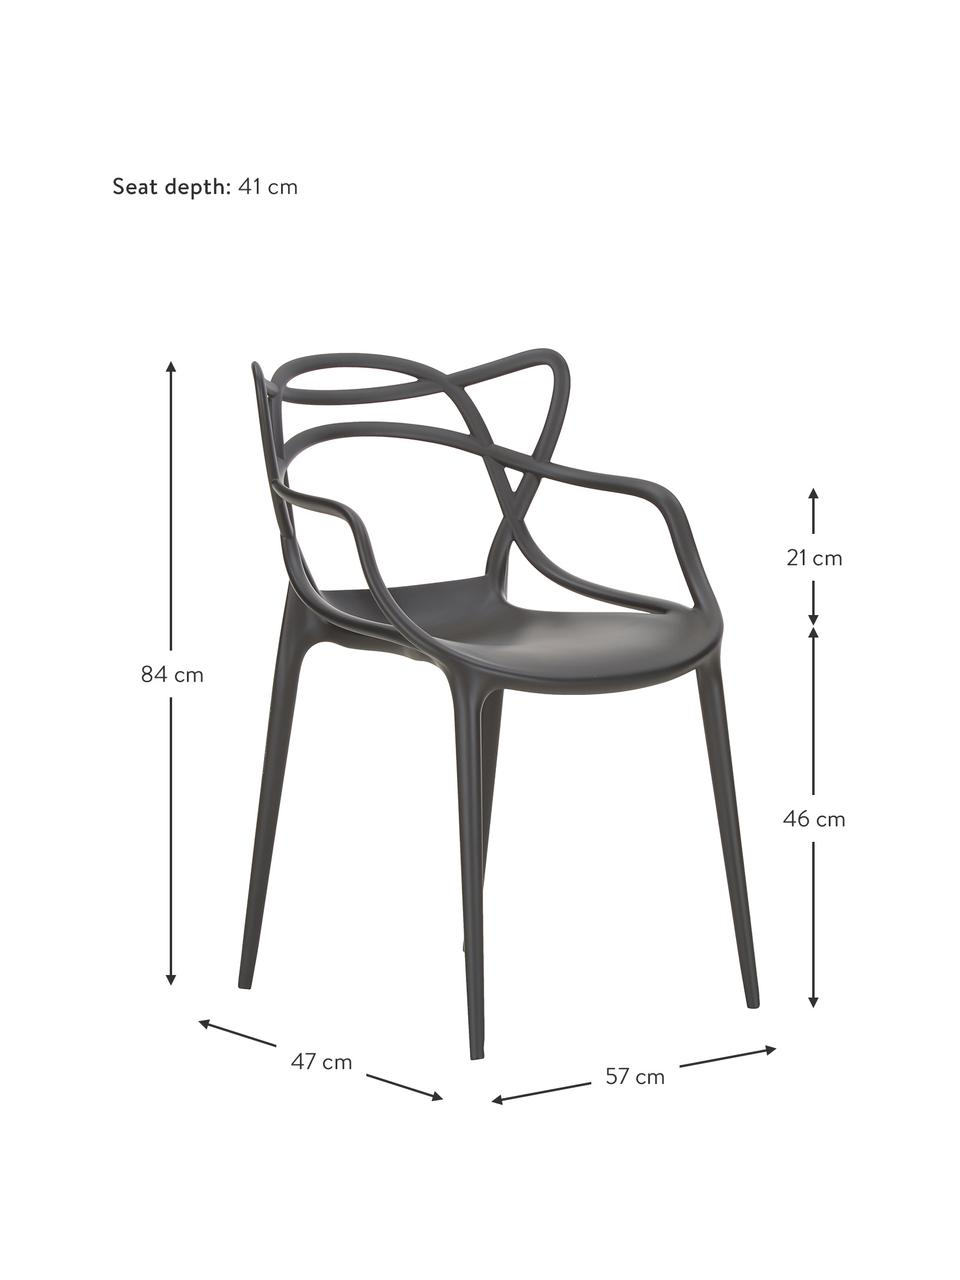 Stohovatelná židle spodručkami Masters, 2 ks, Černá